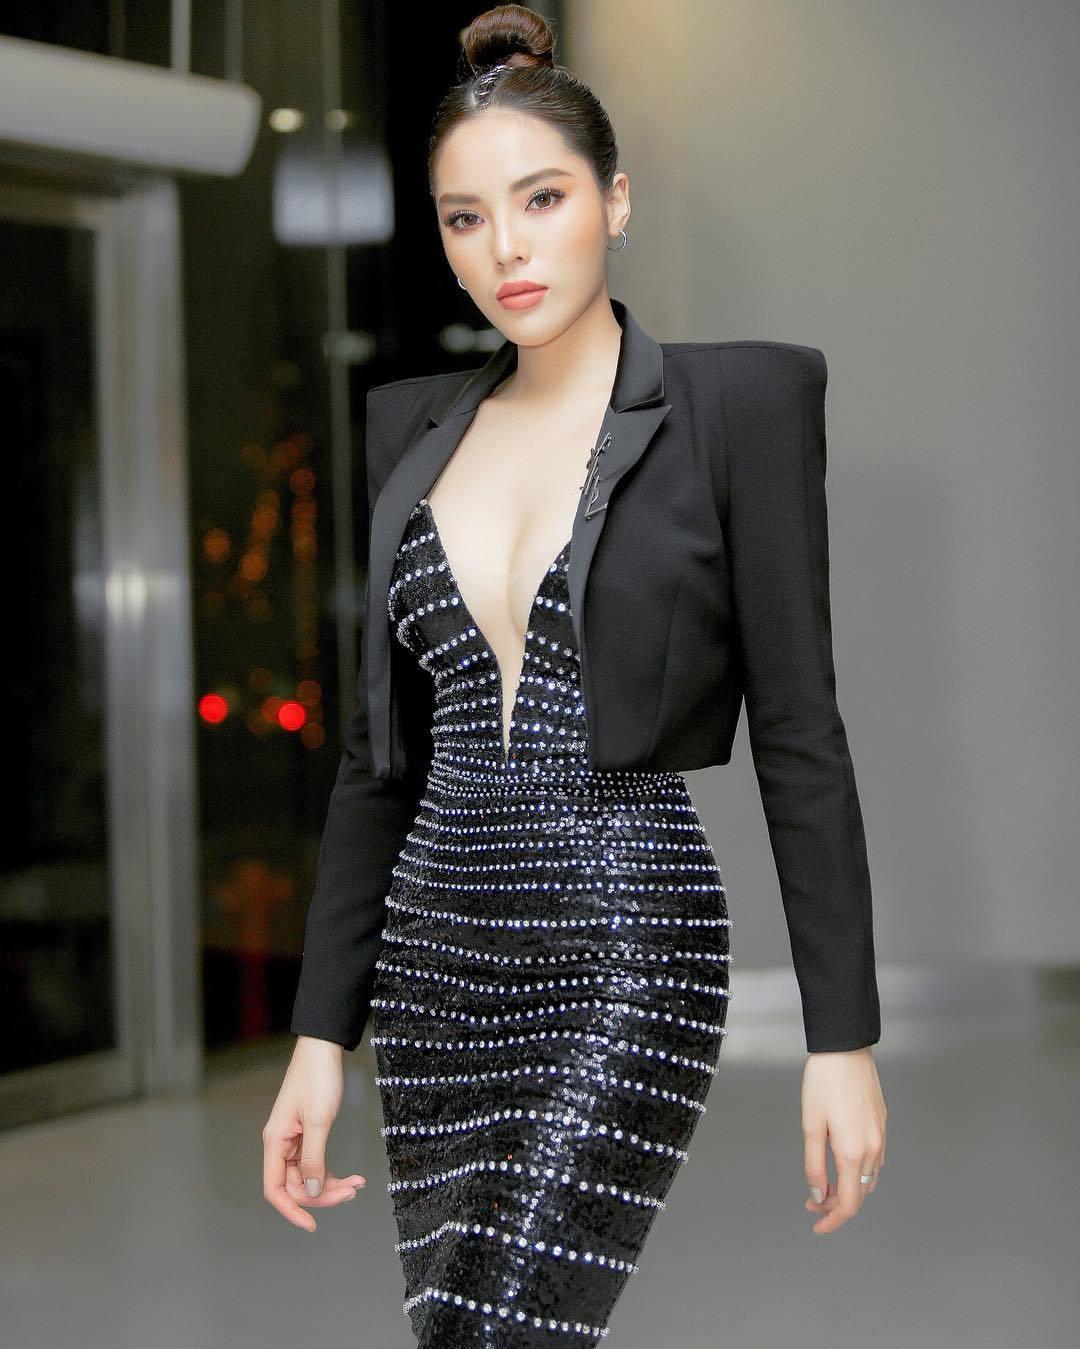 Mỹ nhân Việt khoe ngực với váy khoét sâu đến rốn